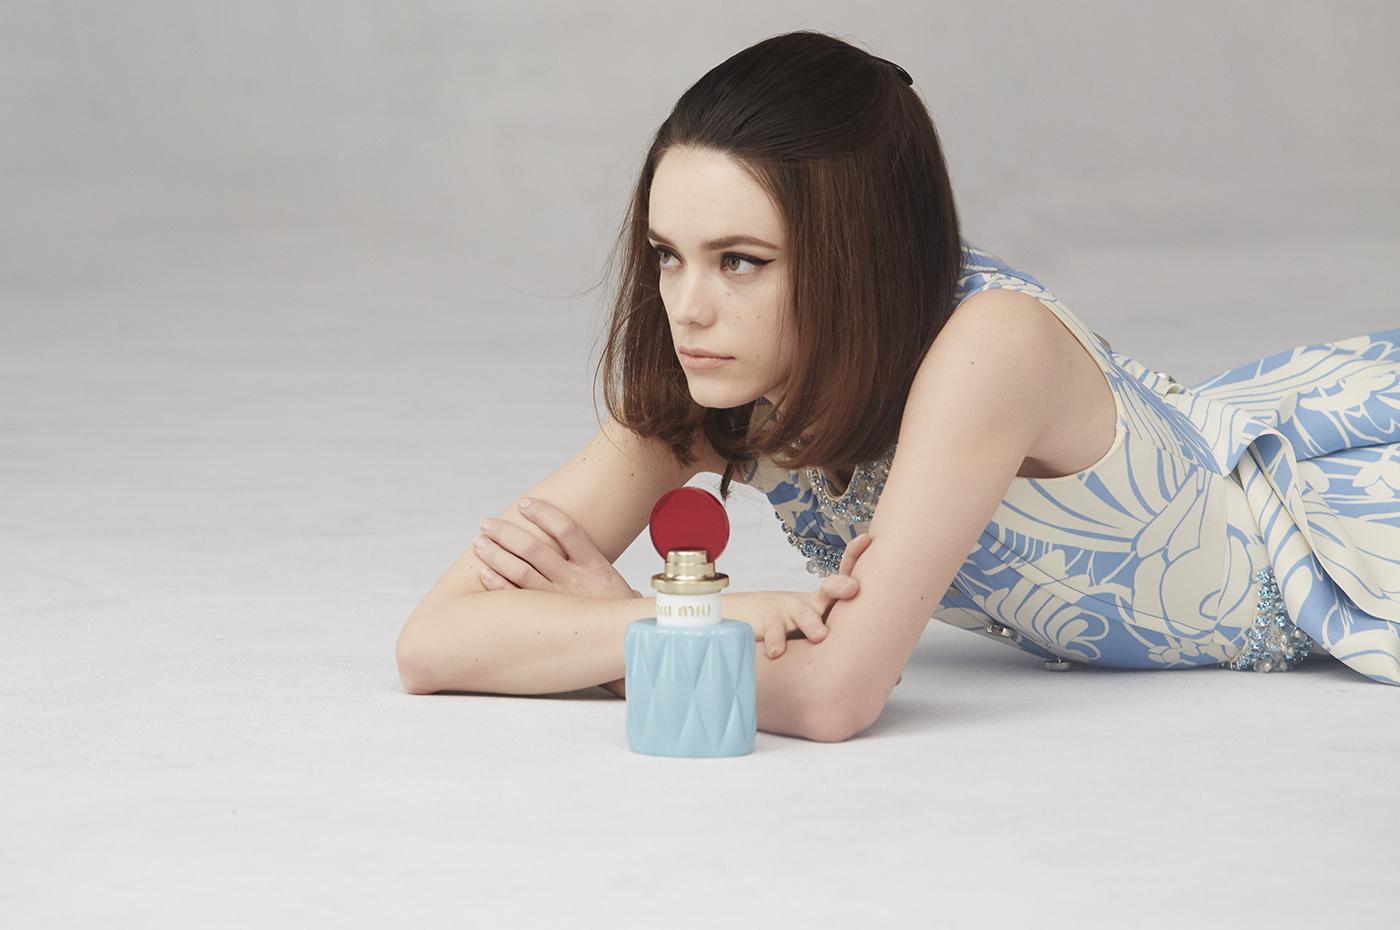 Stacy Martin & primul parfum Miu Miu